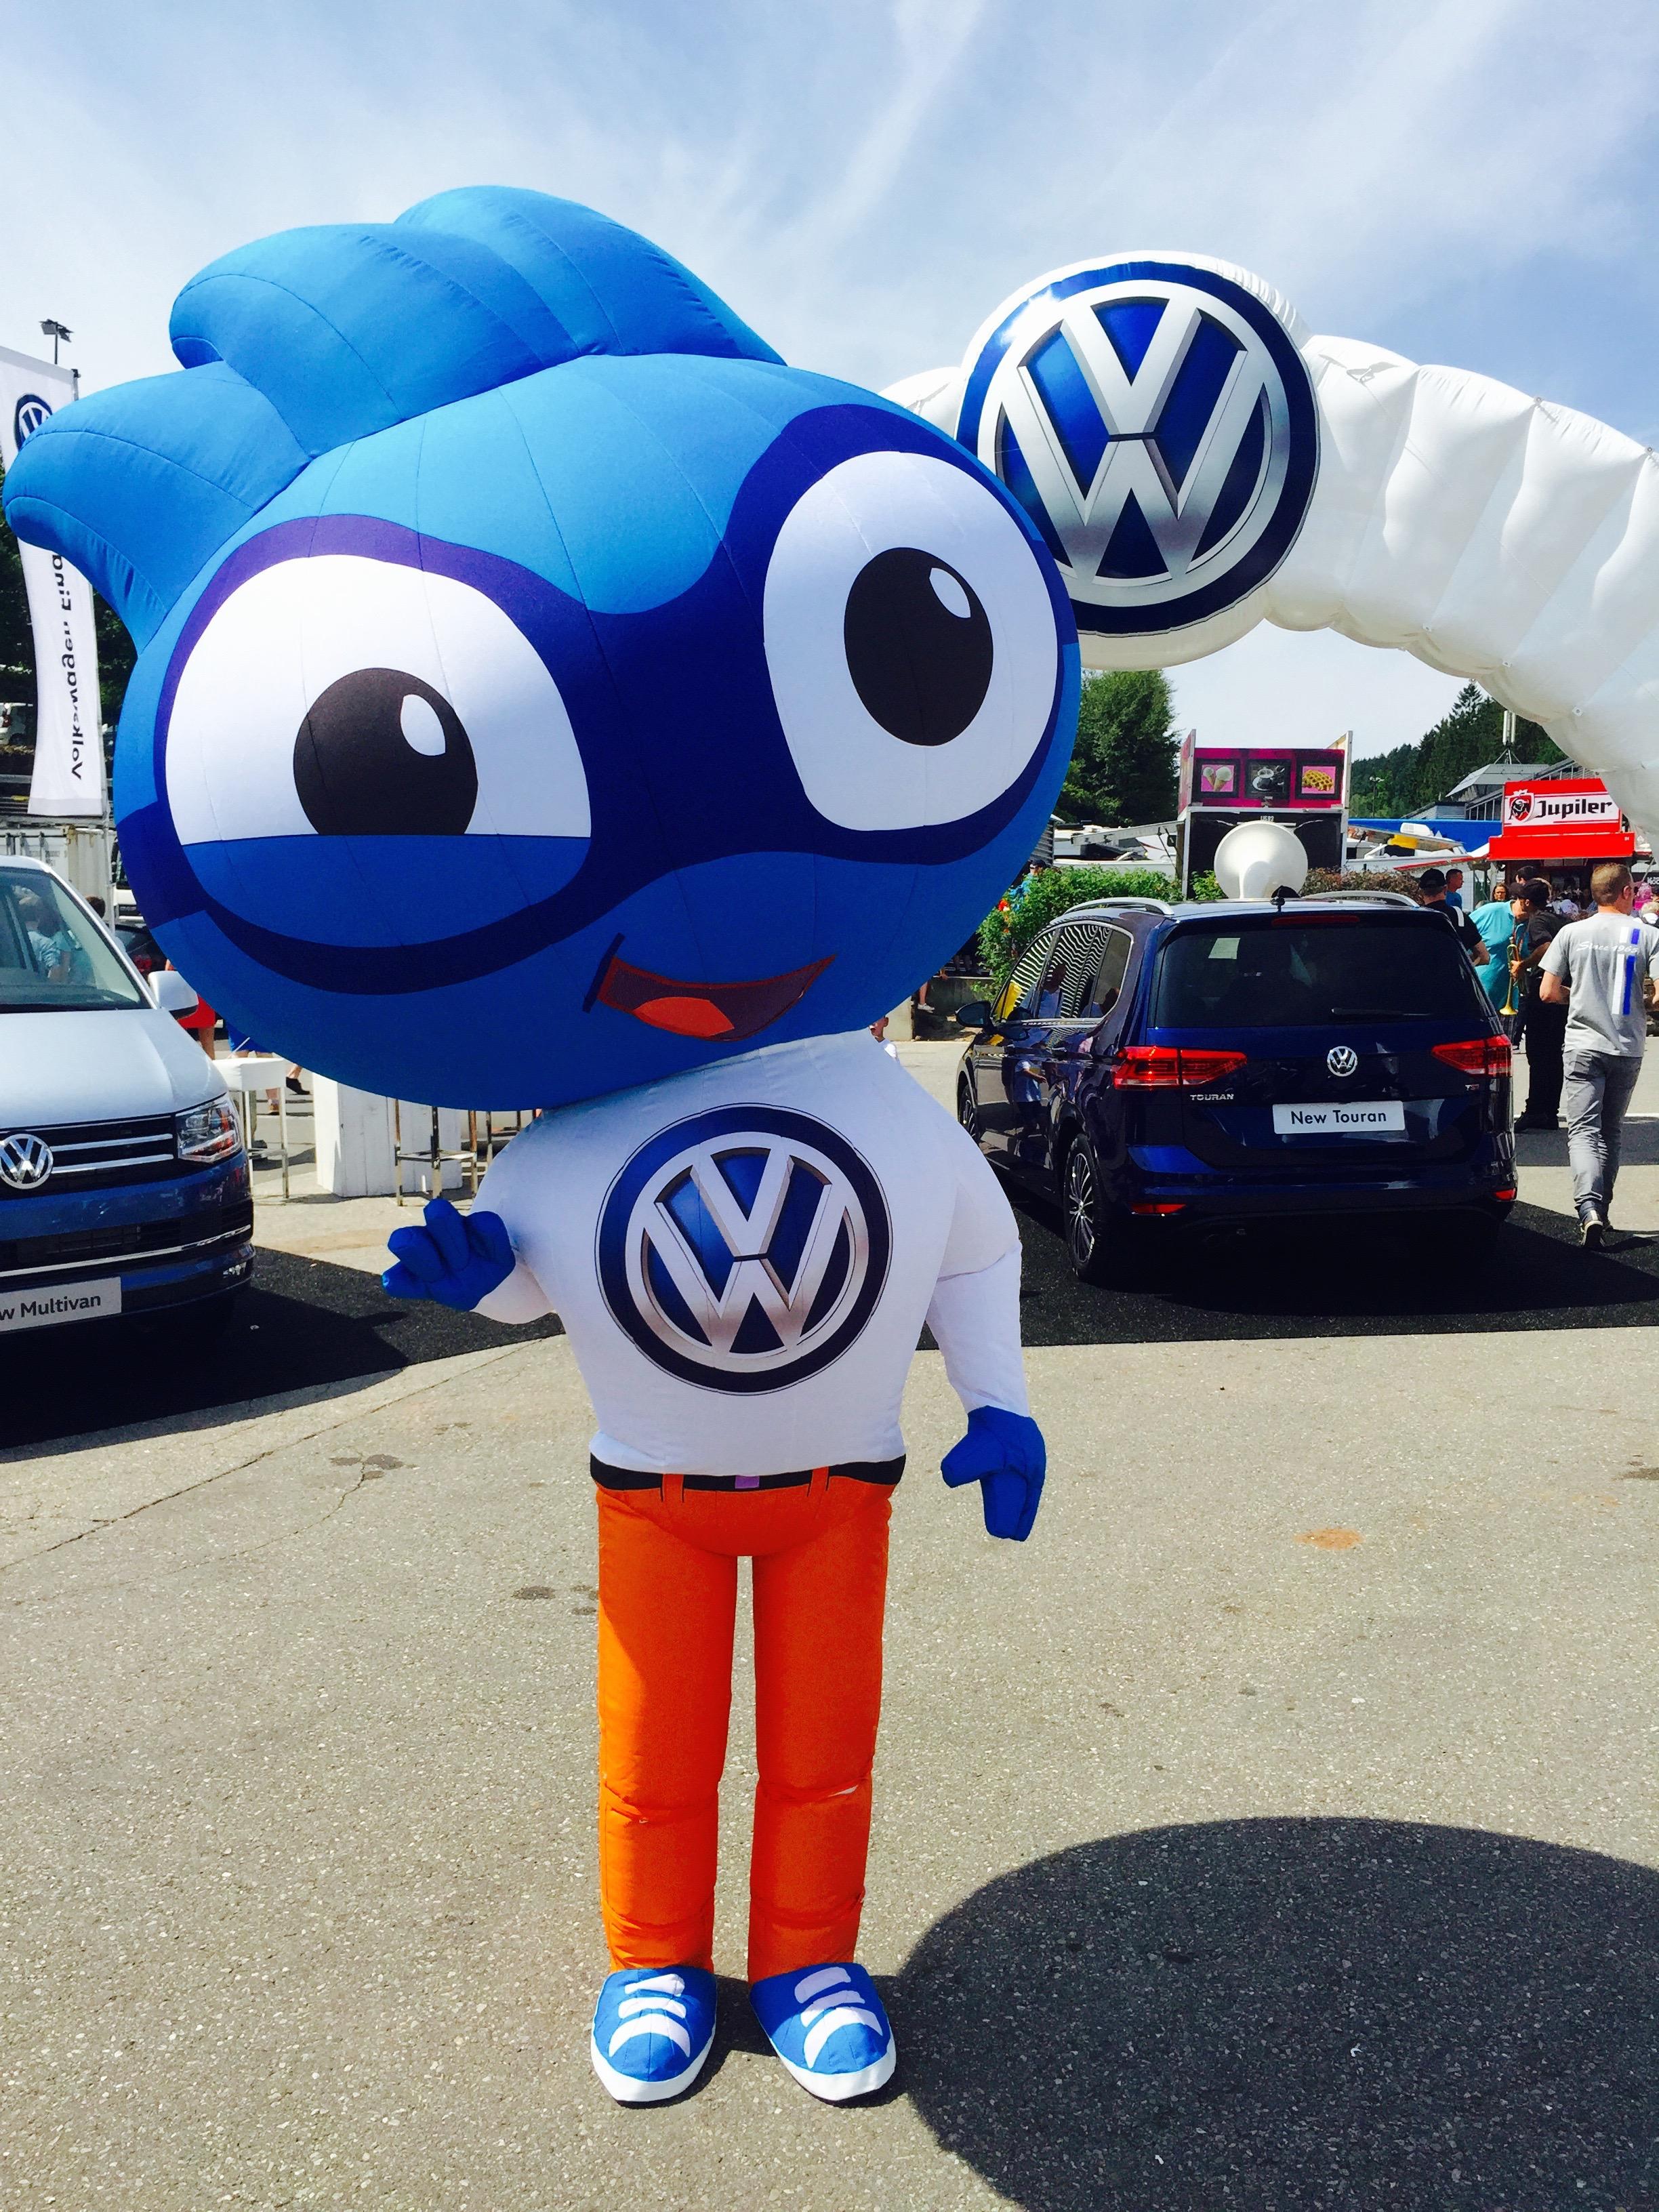 Sportief, familiaal & fair-play, … VW en het WK BMX dragen dezelfde waarden uit